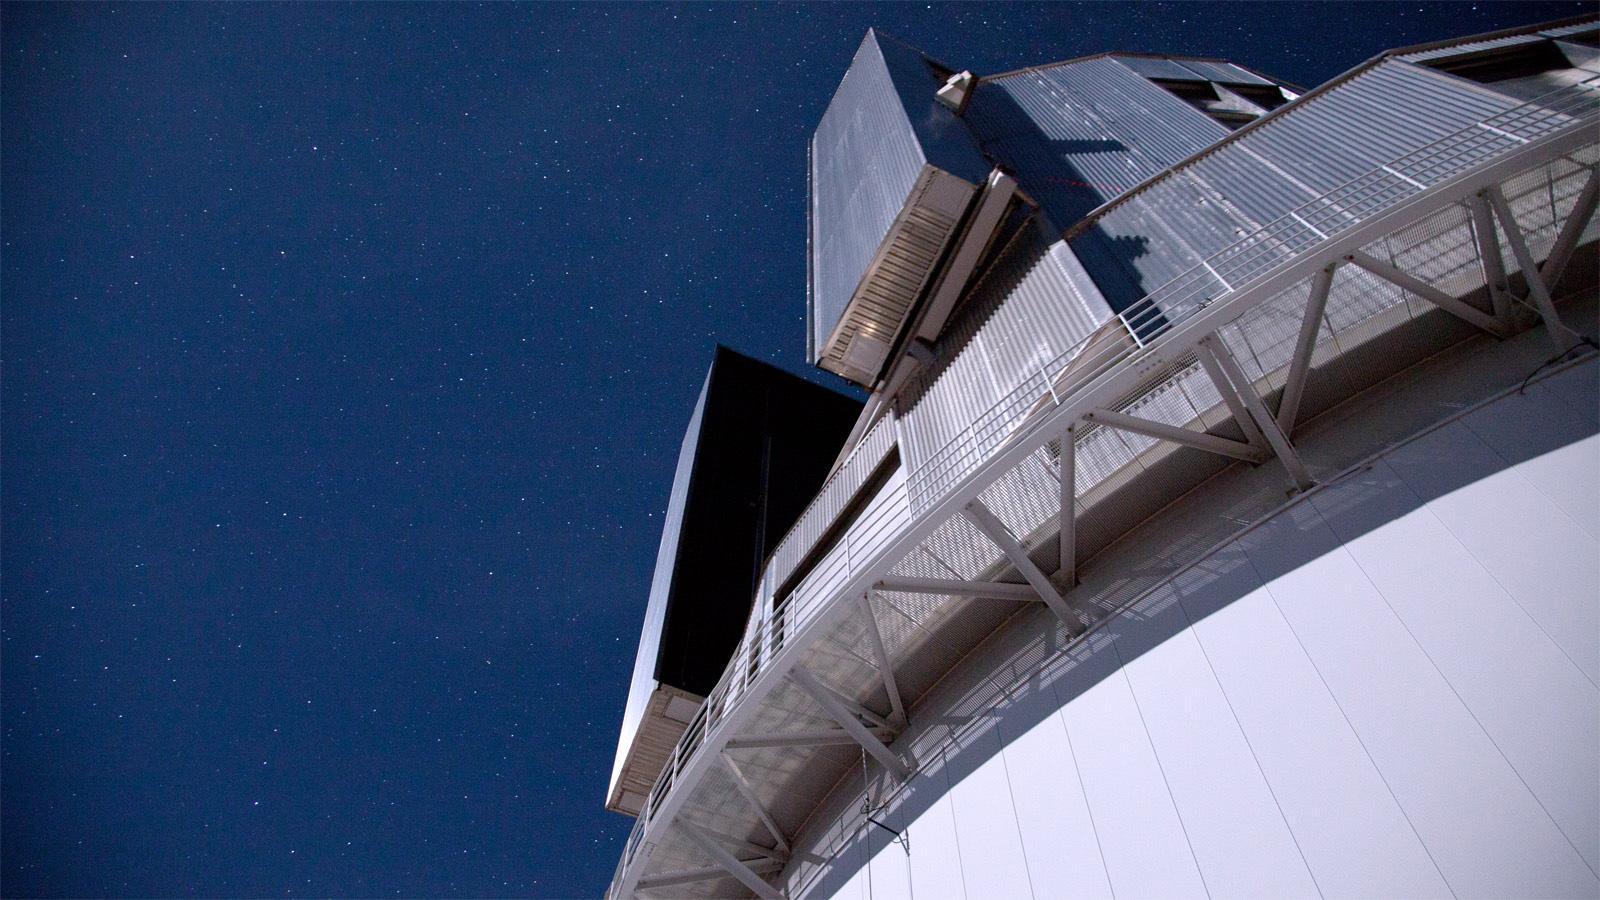 すばる望遠鏡、観測までの道 (前編) 図